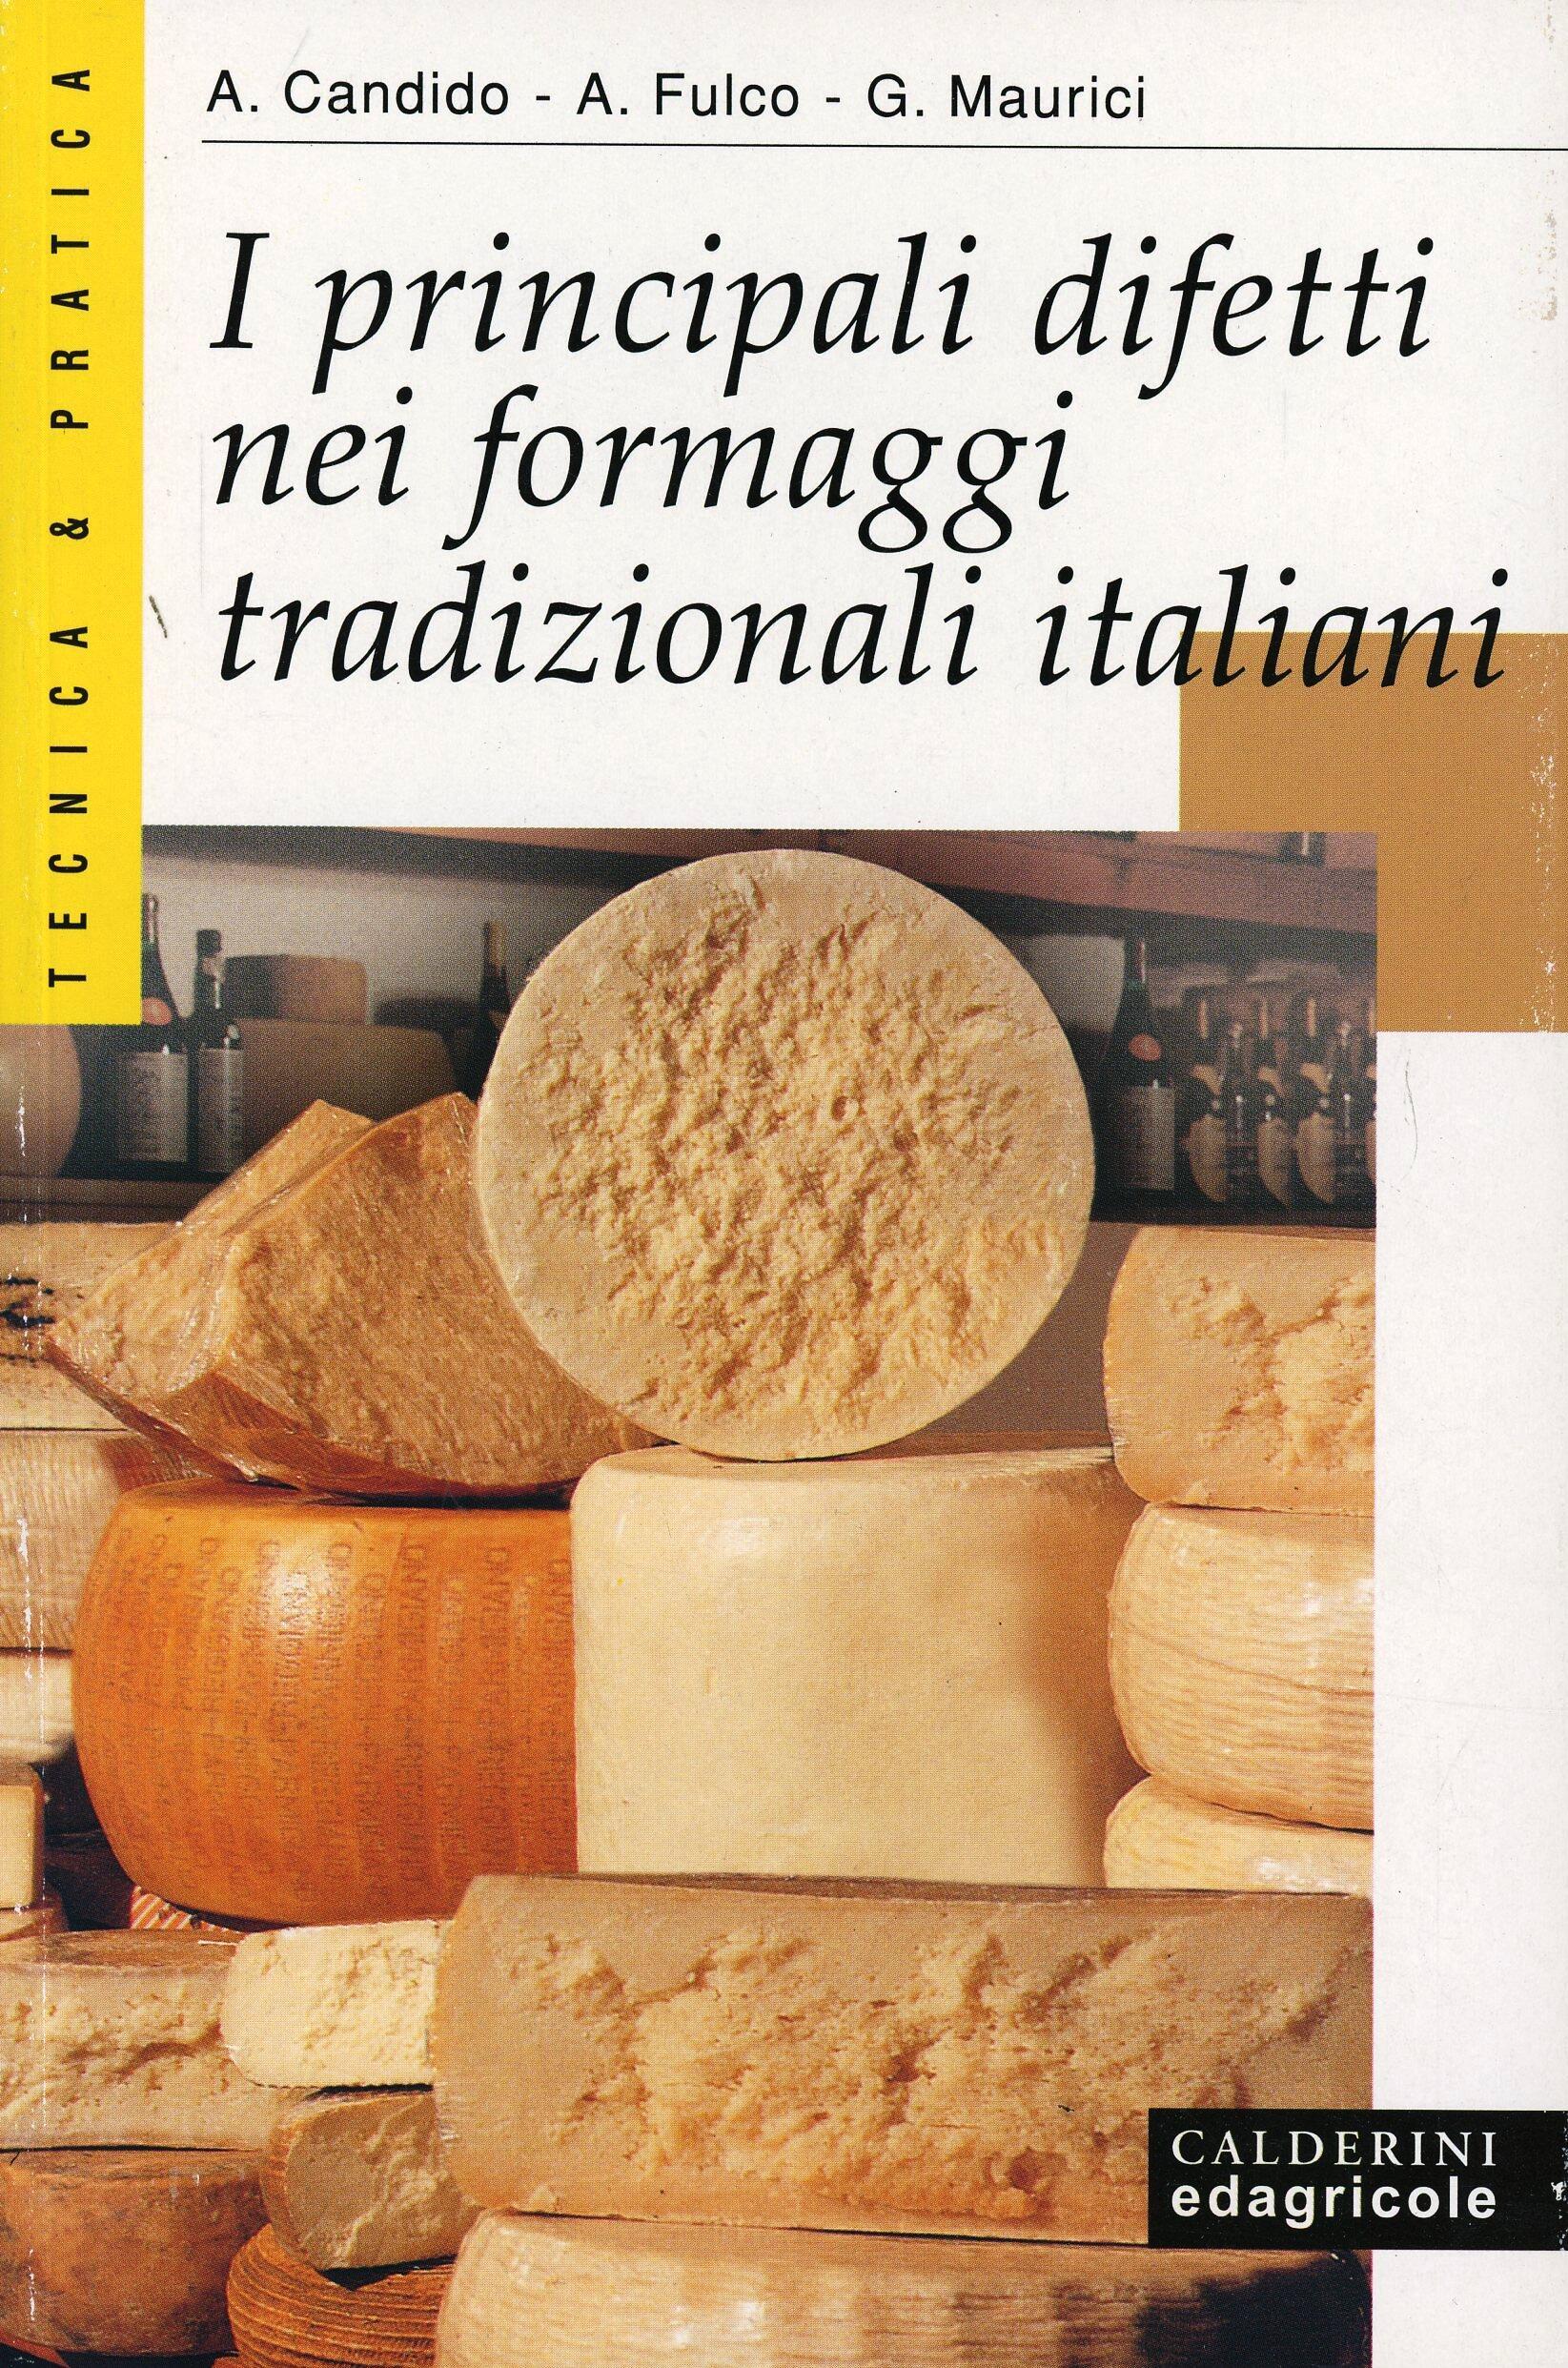 I principali difetti nei formaggi tradizionali italiani for Cucinare nei vari dialetti italiani